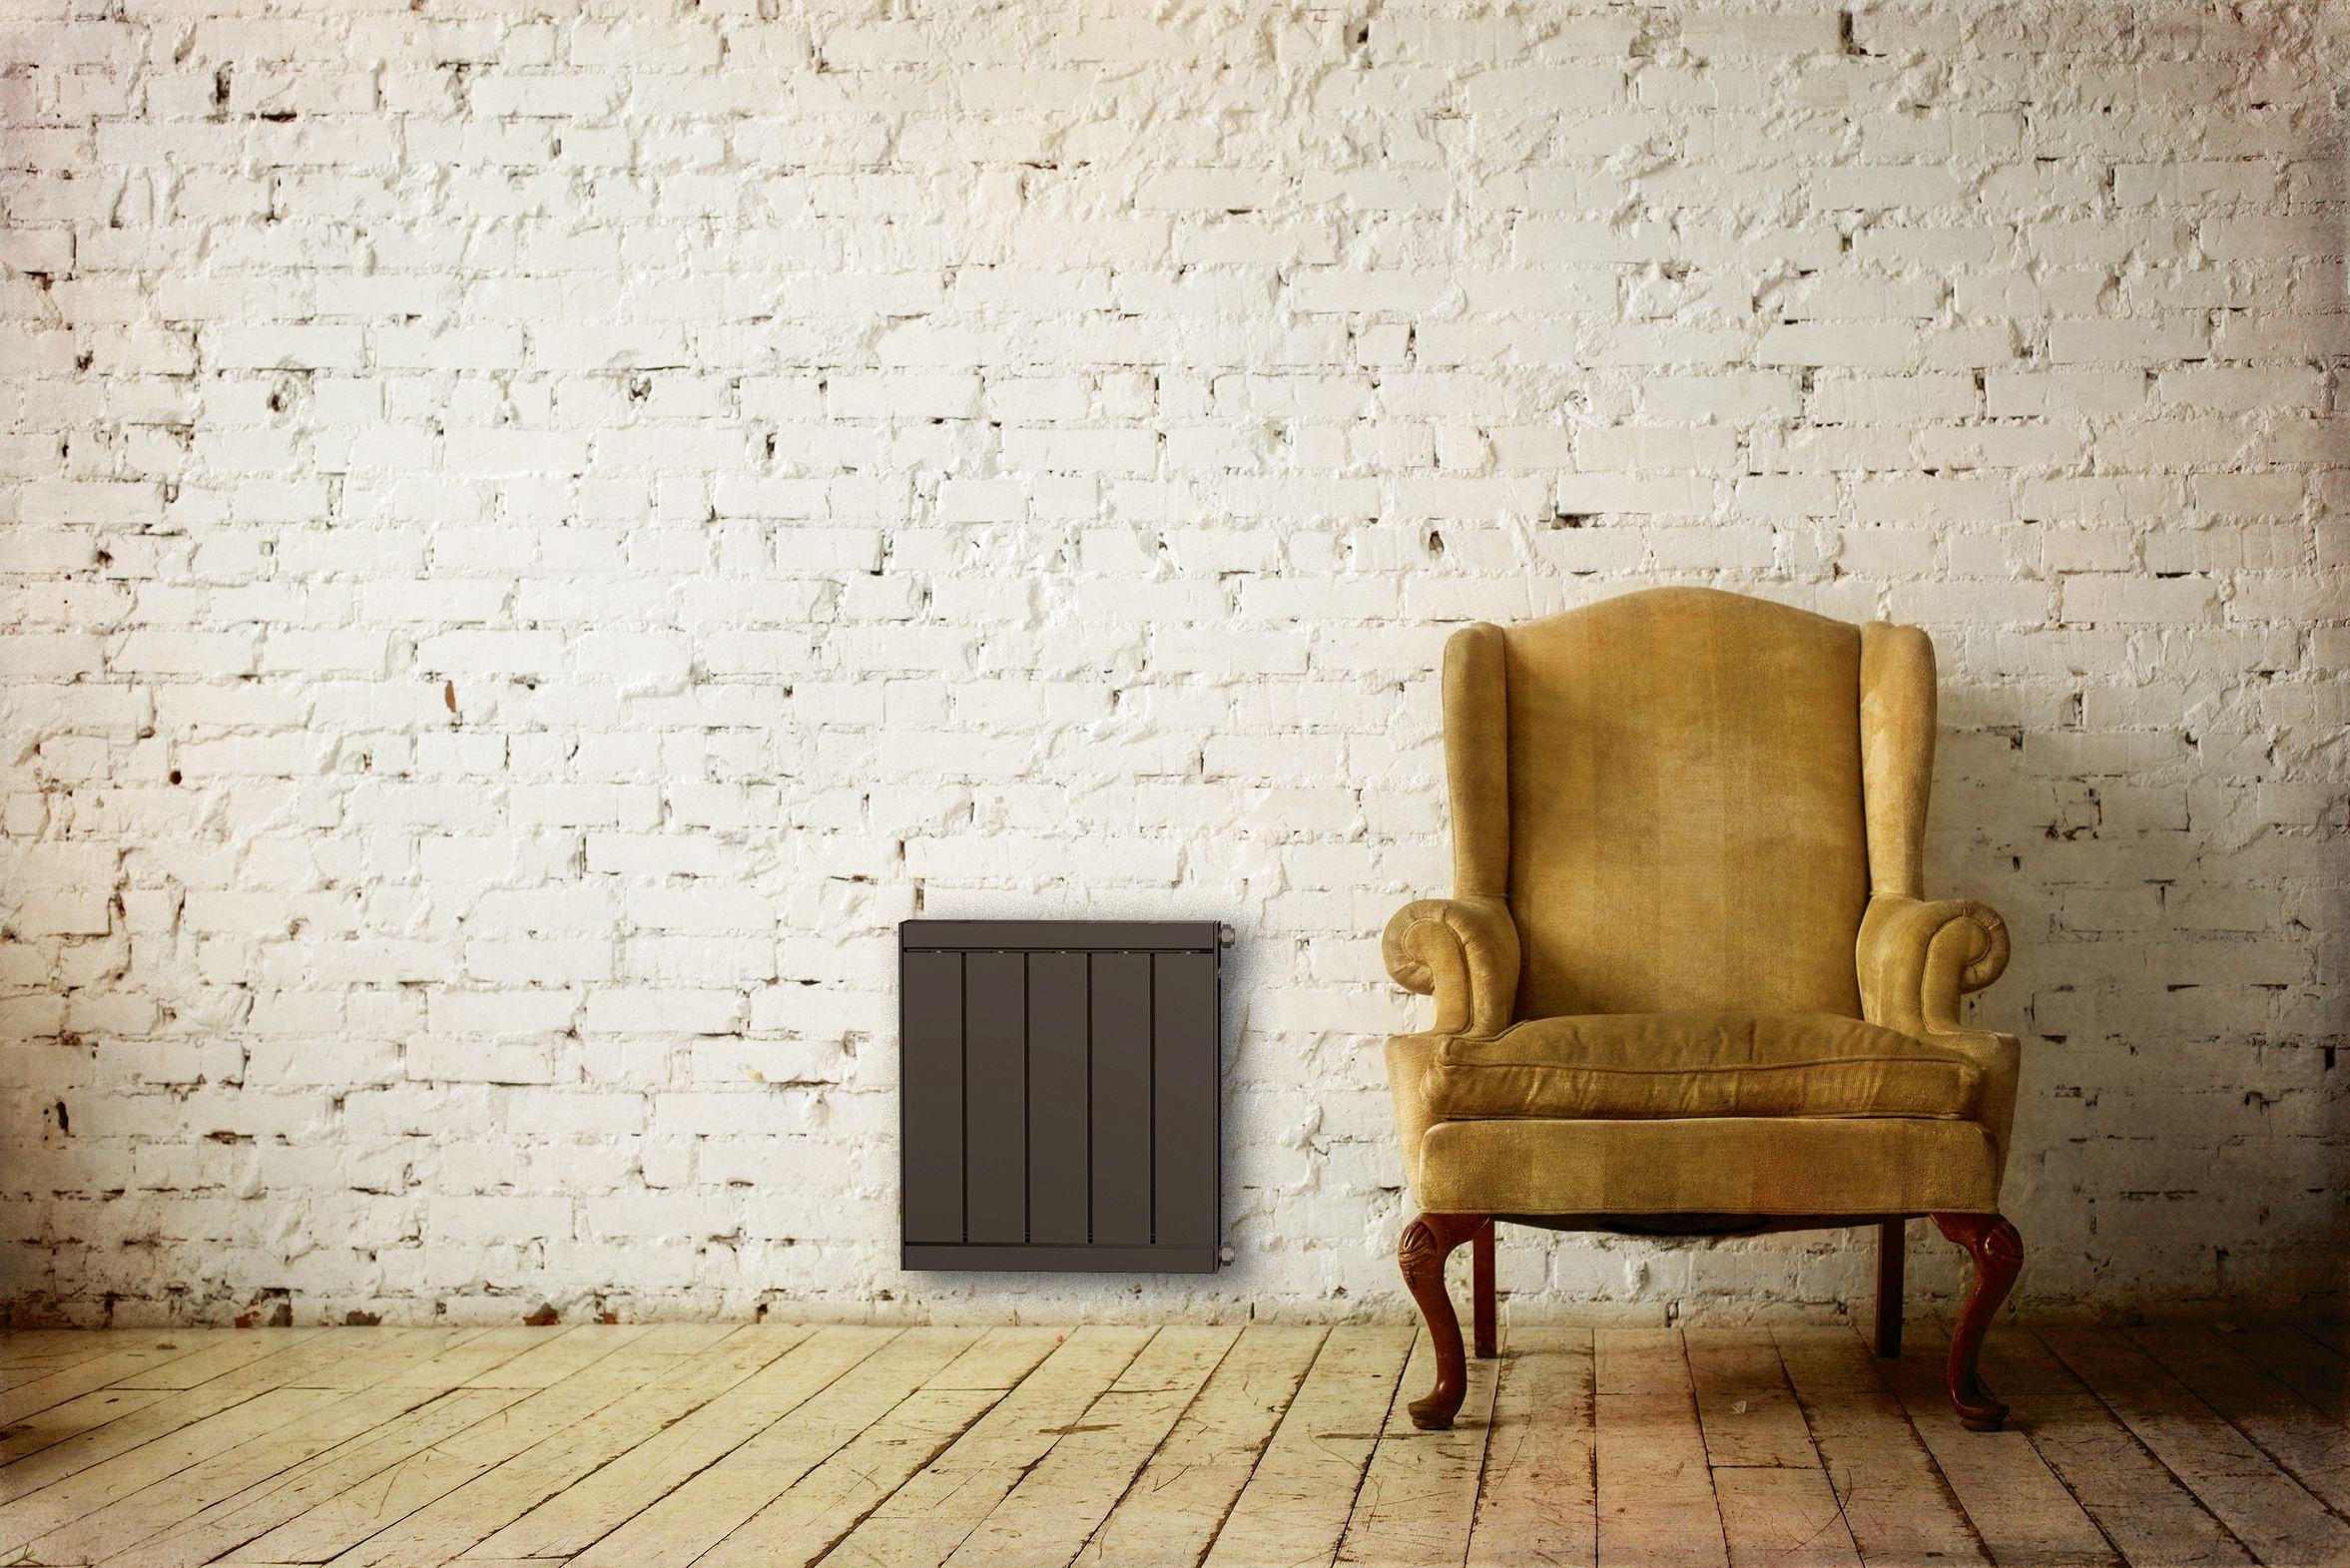 Egal ob im Wohnraum oder Badezimmer: Die Alu-Thermik Heizkörper von Olymp Werk machen in jedem Raum eine gute Figur. Foto: epr/Olymp Werk GmbH/Adobe Stock 89611334